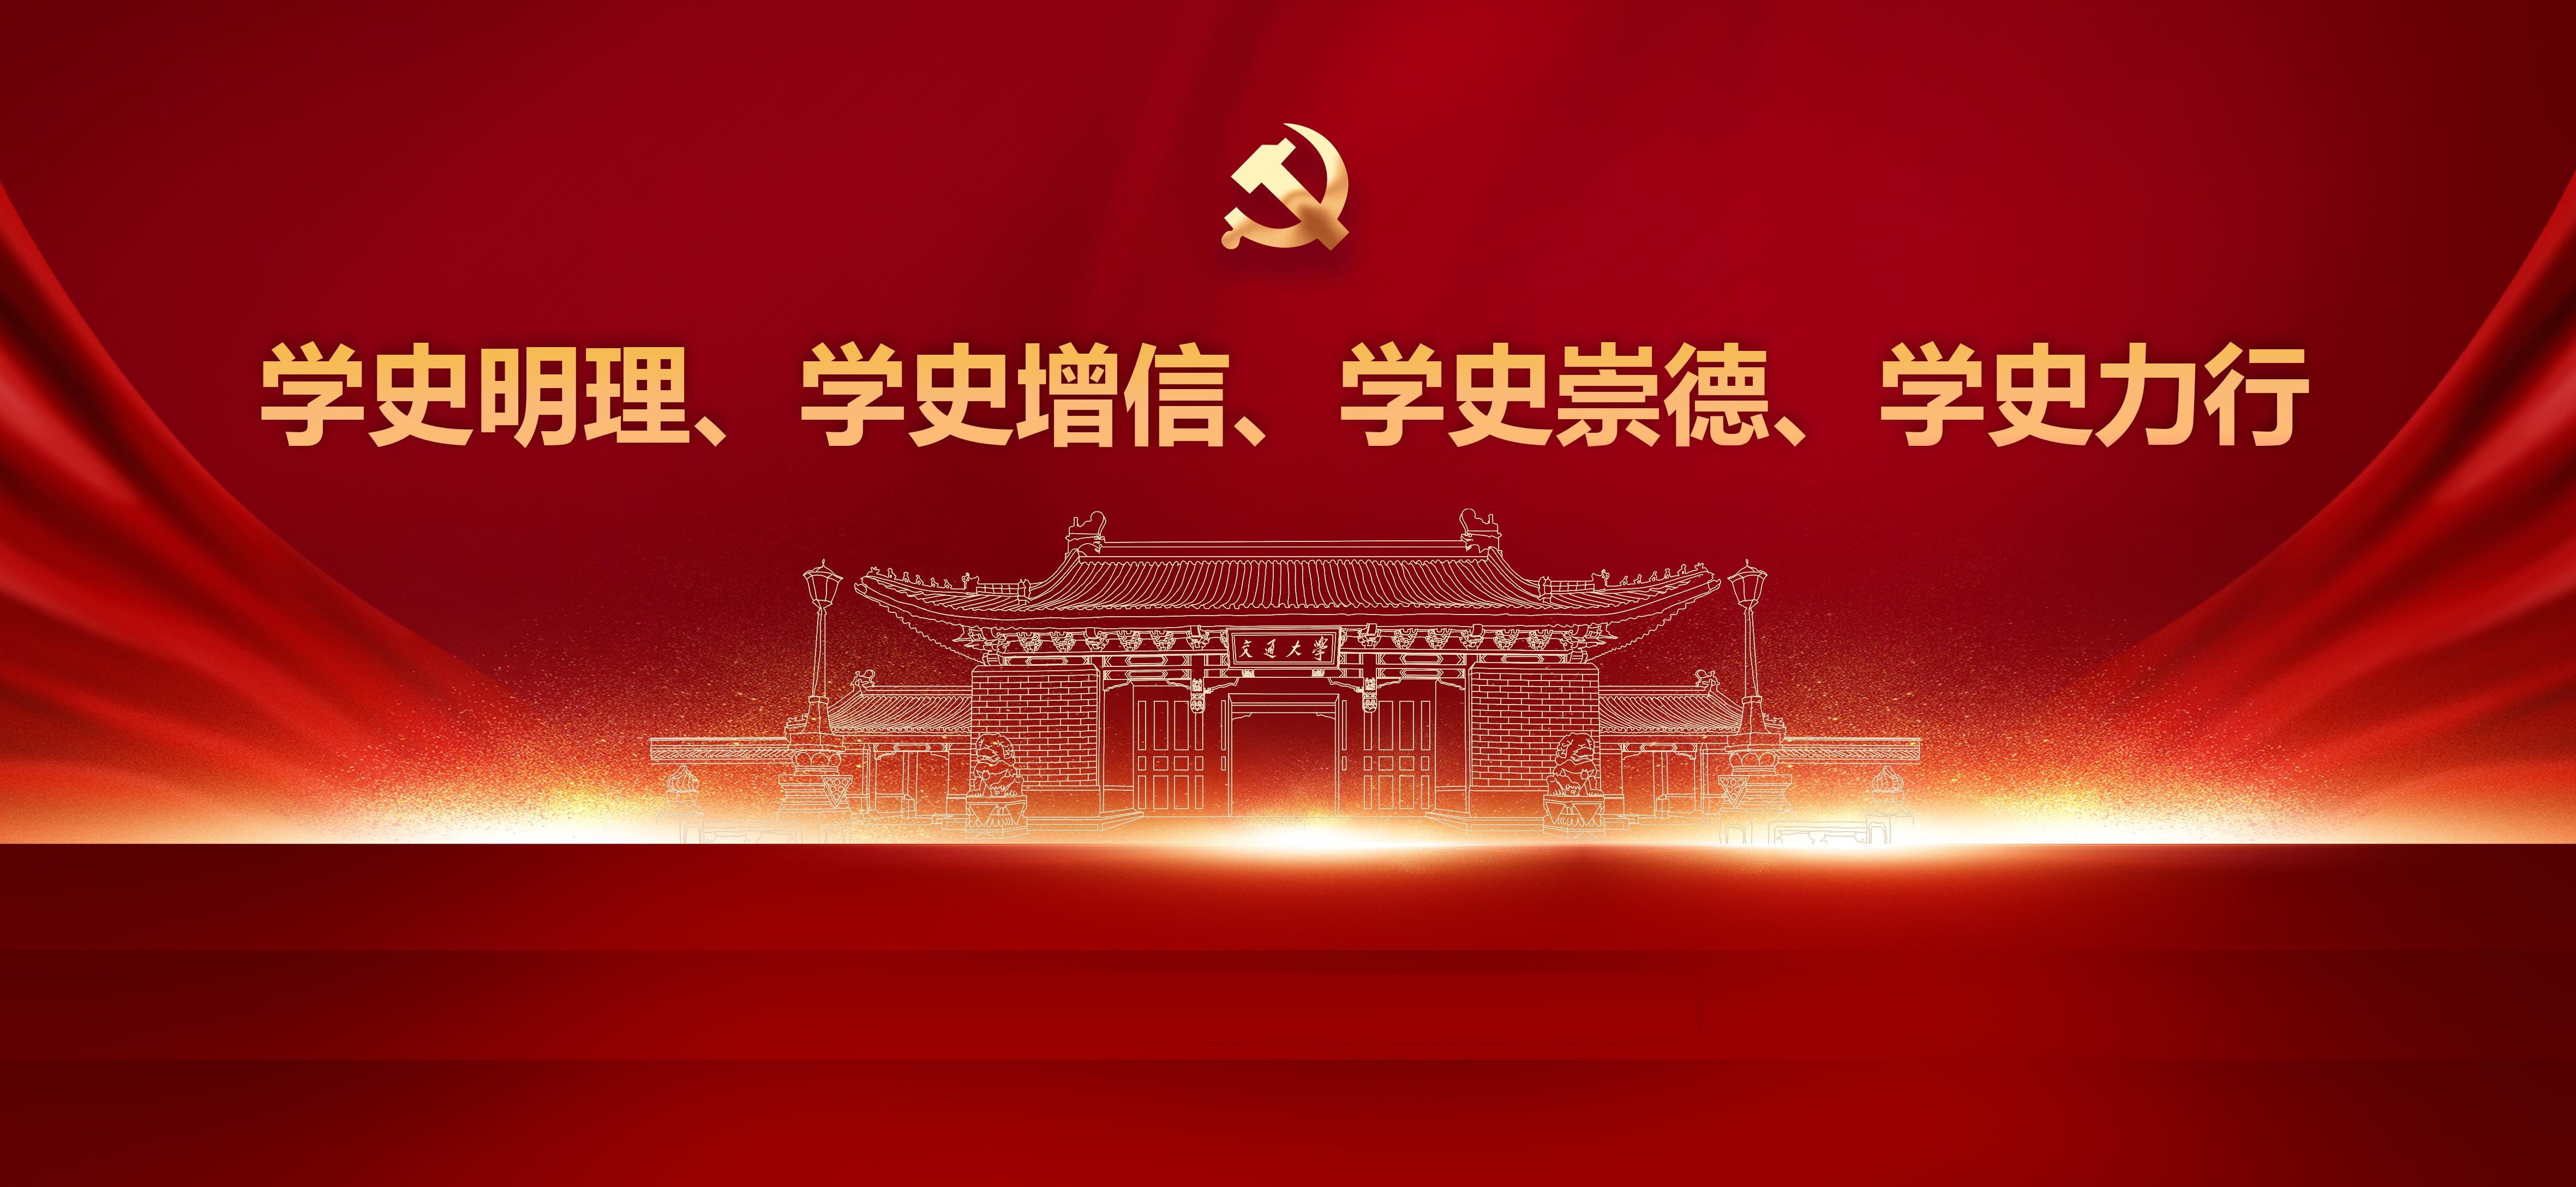 上海交通大学党史学习教育专题网